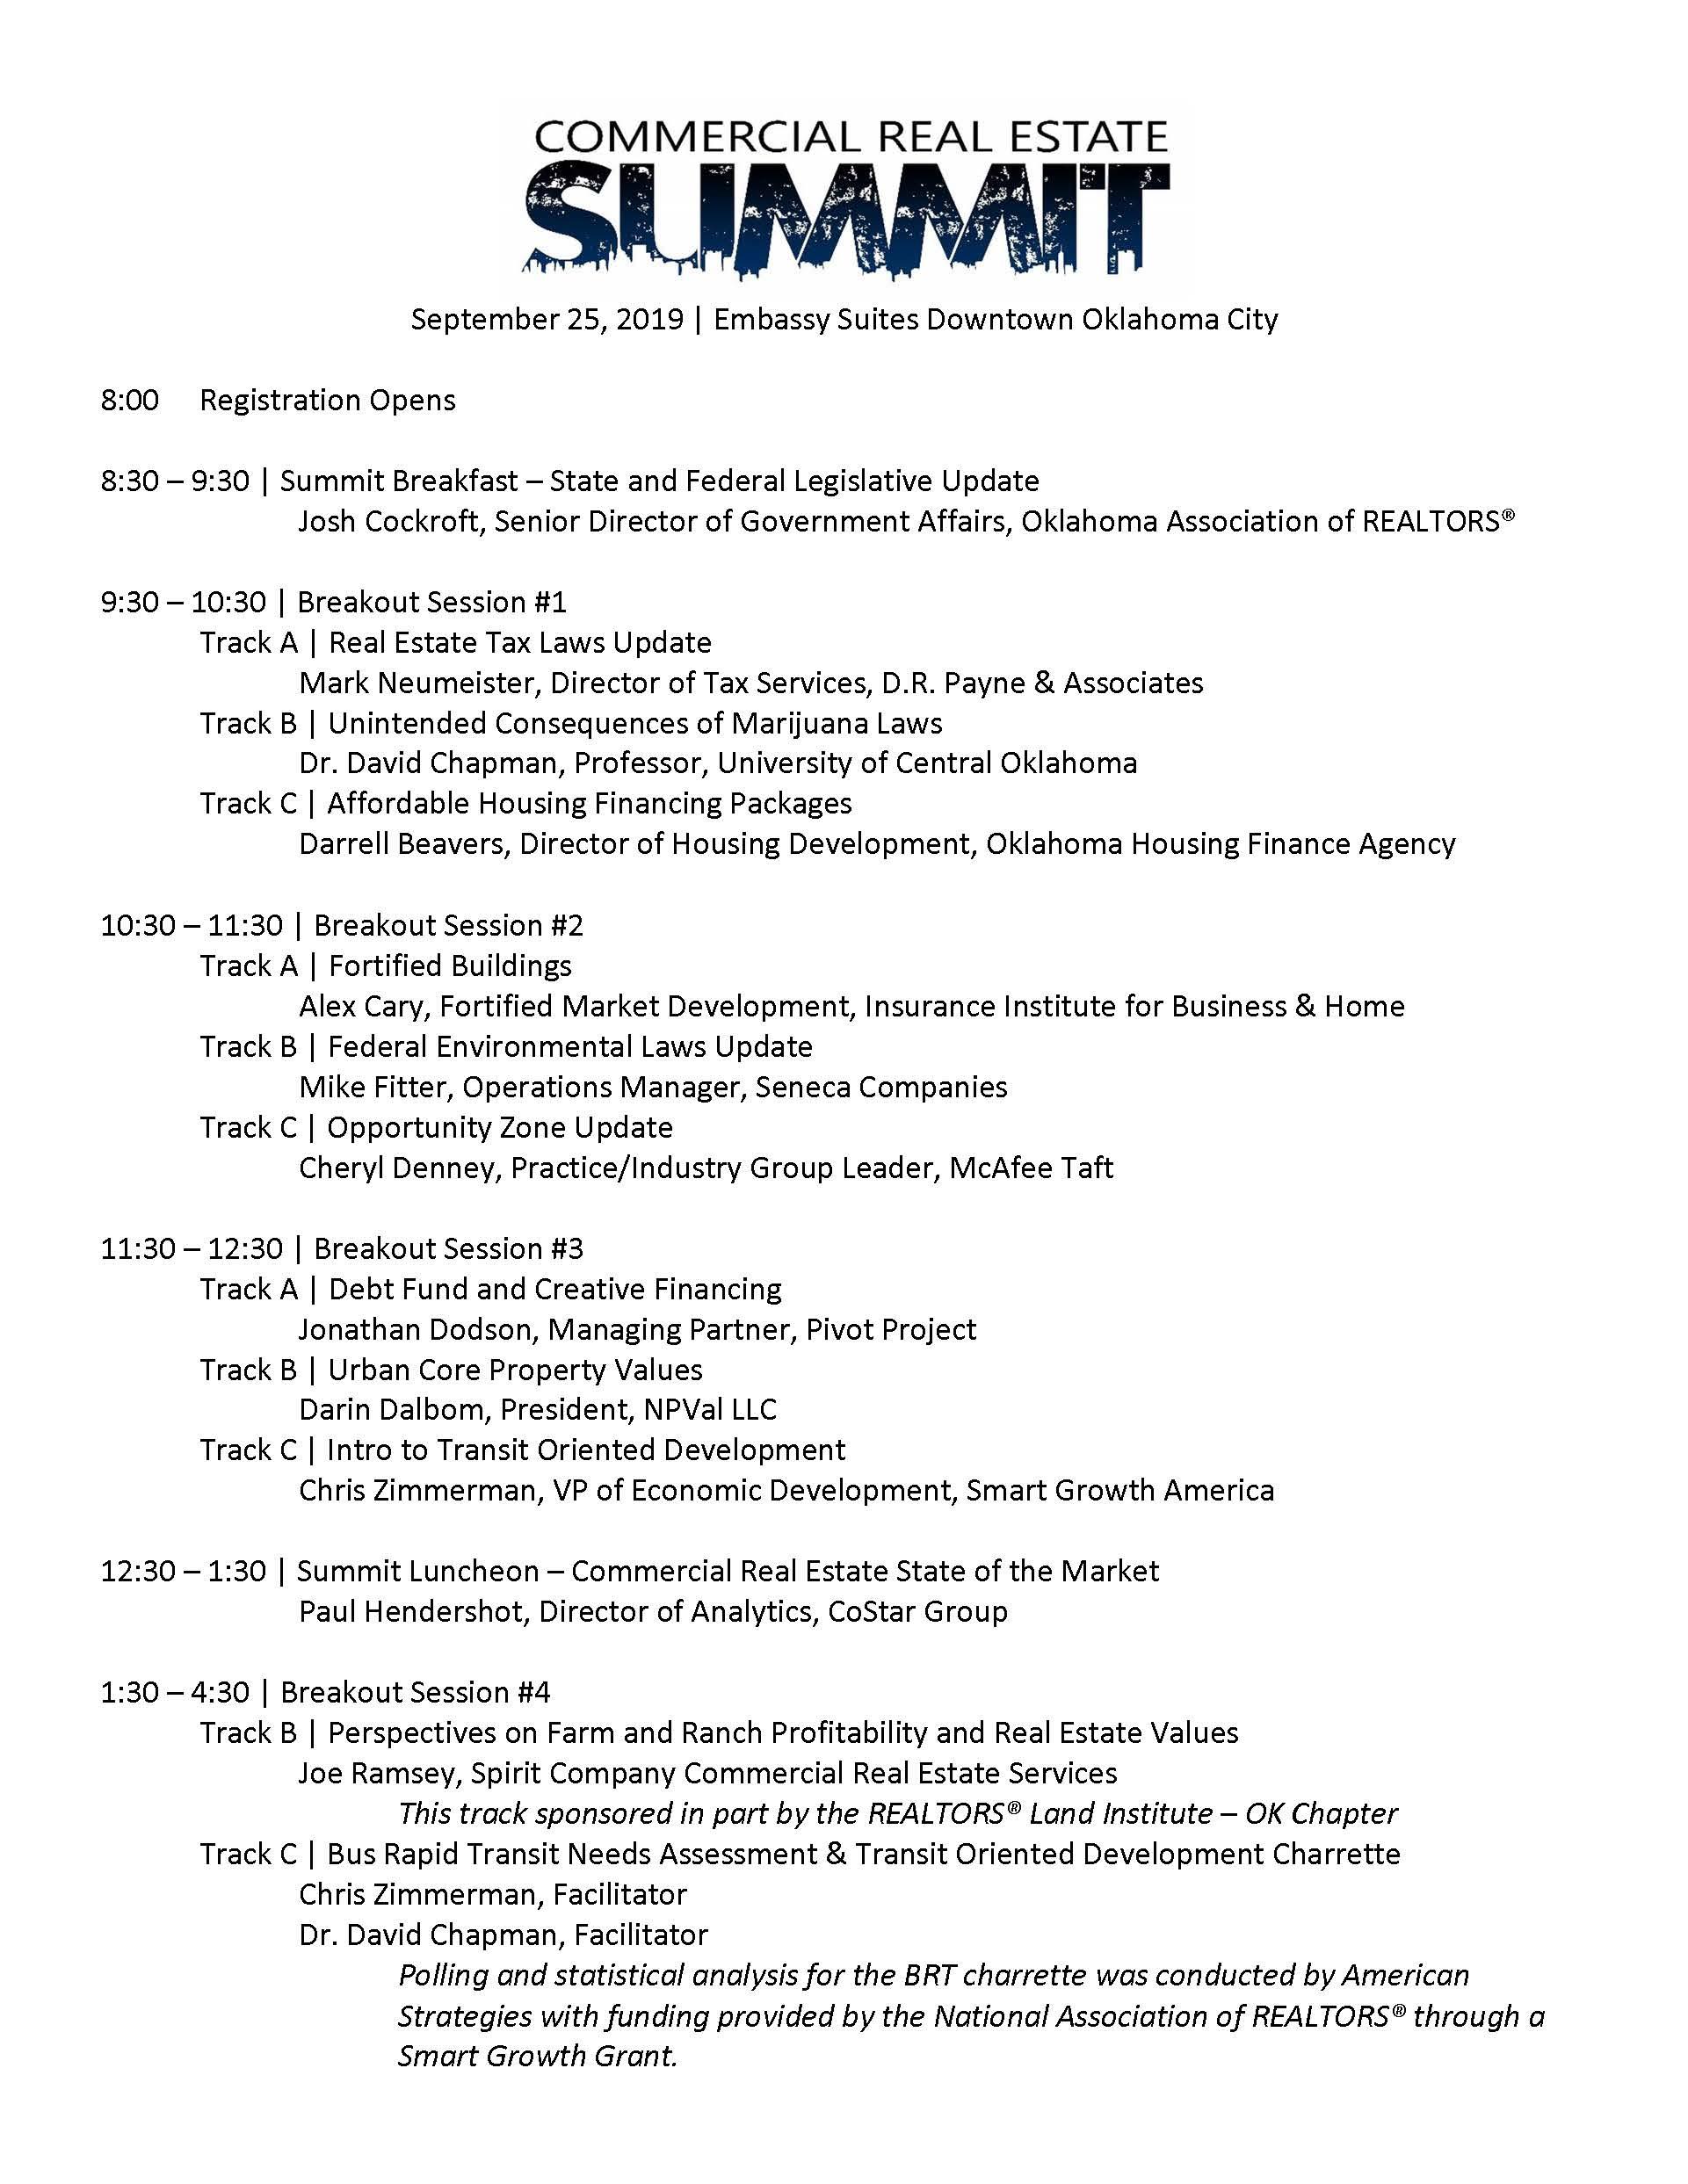 Updated Summit Schedule